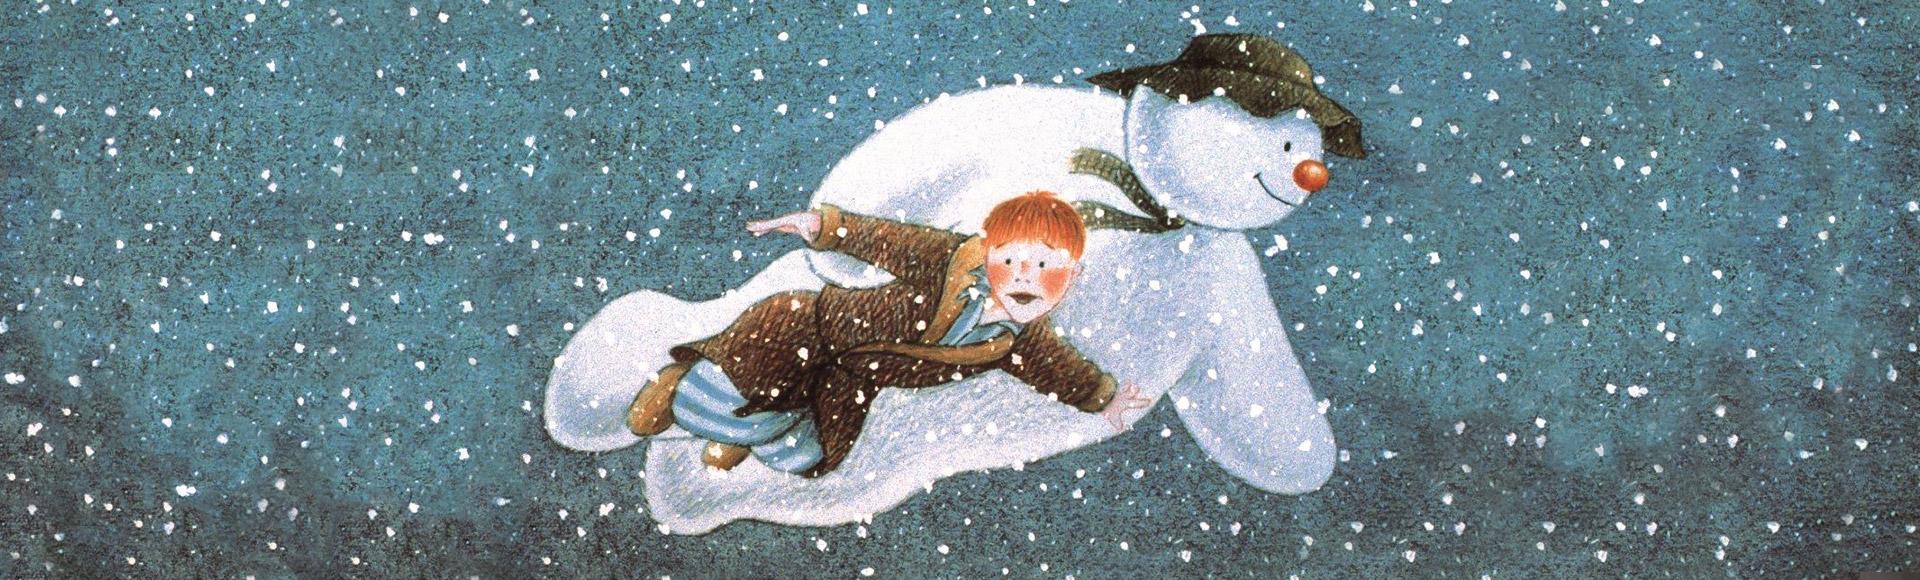 Familjekonsert: The Snowman